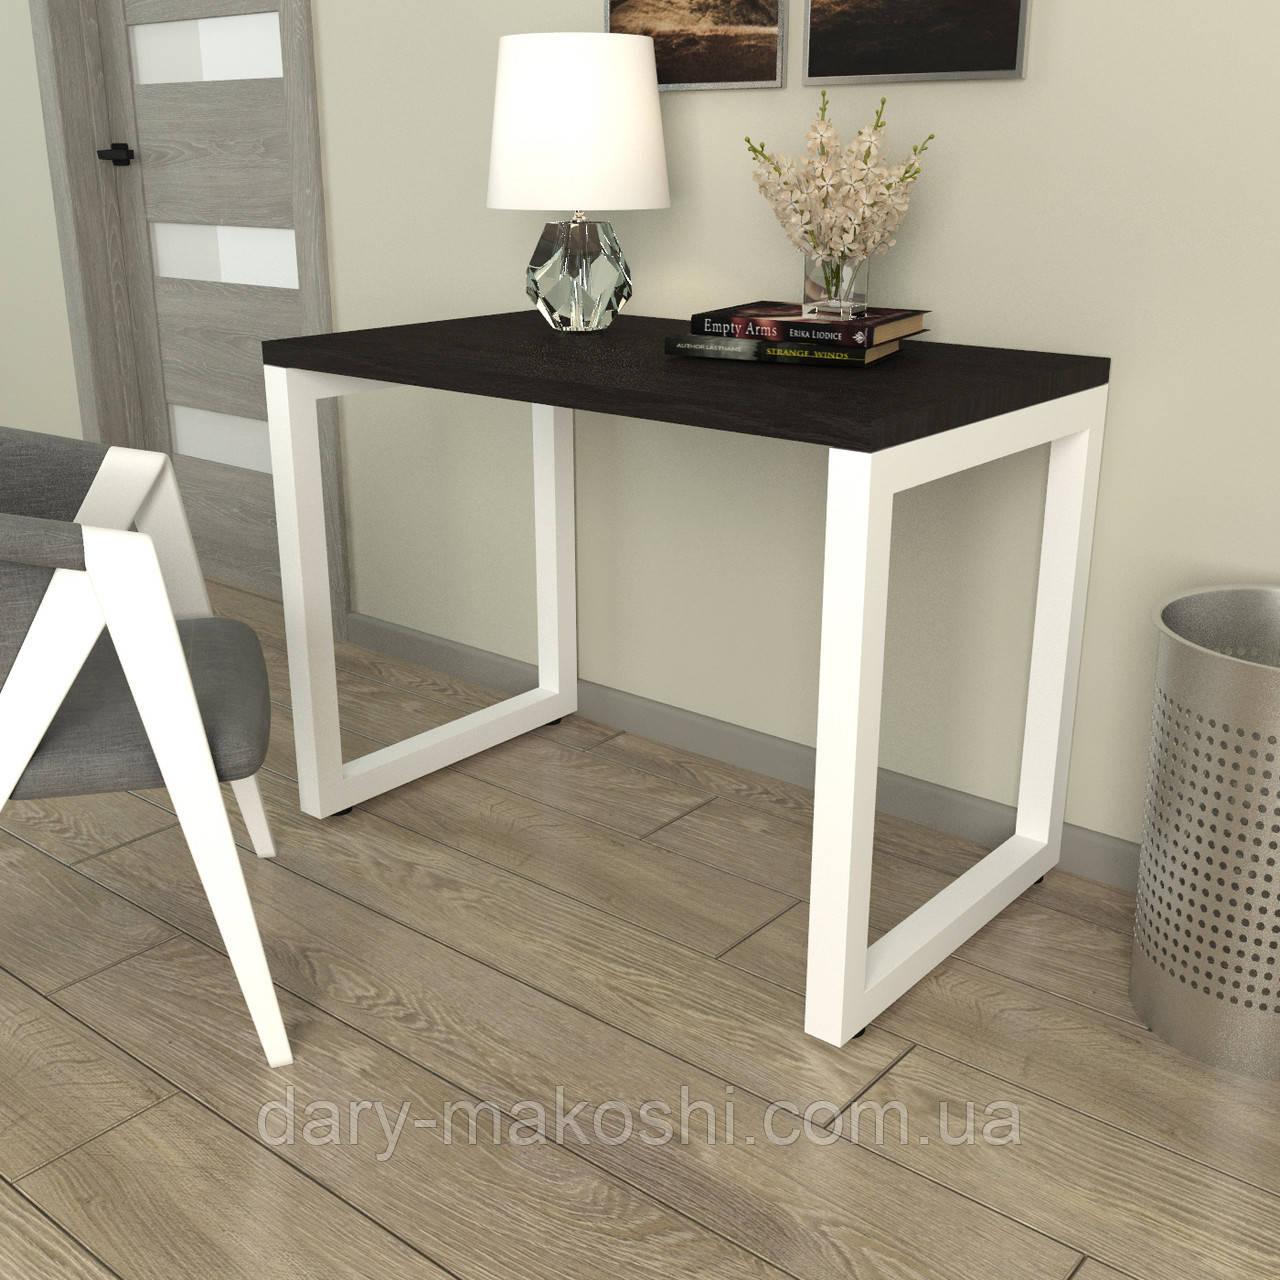 Стол Тавол КС 8.3 металл опоры белые 100смх60смх75см ДСП 32 мм Венге